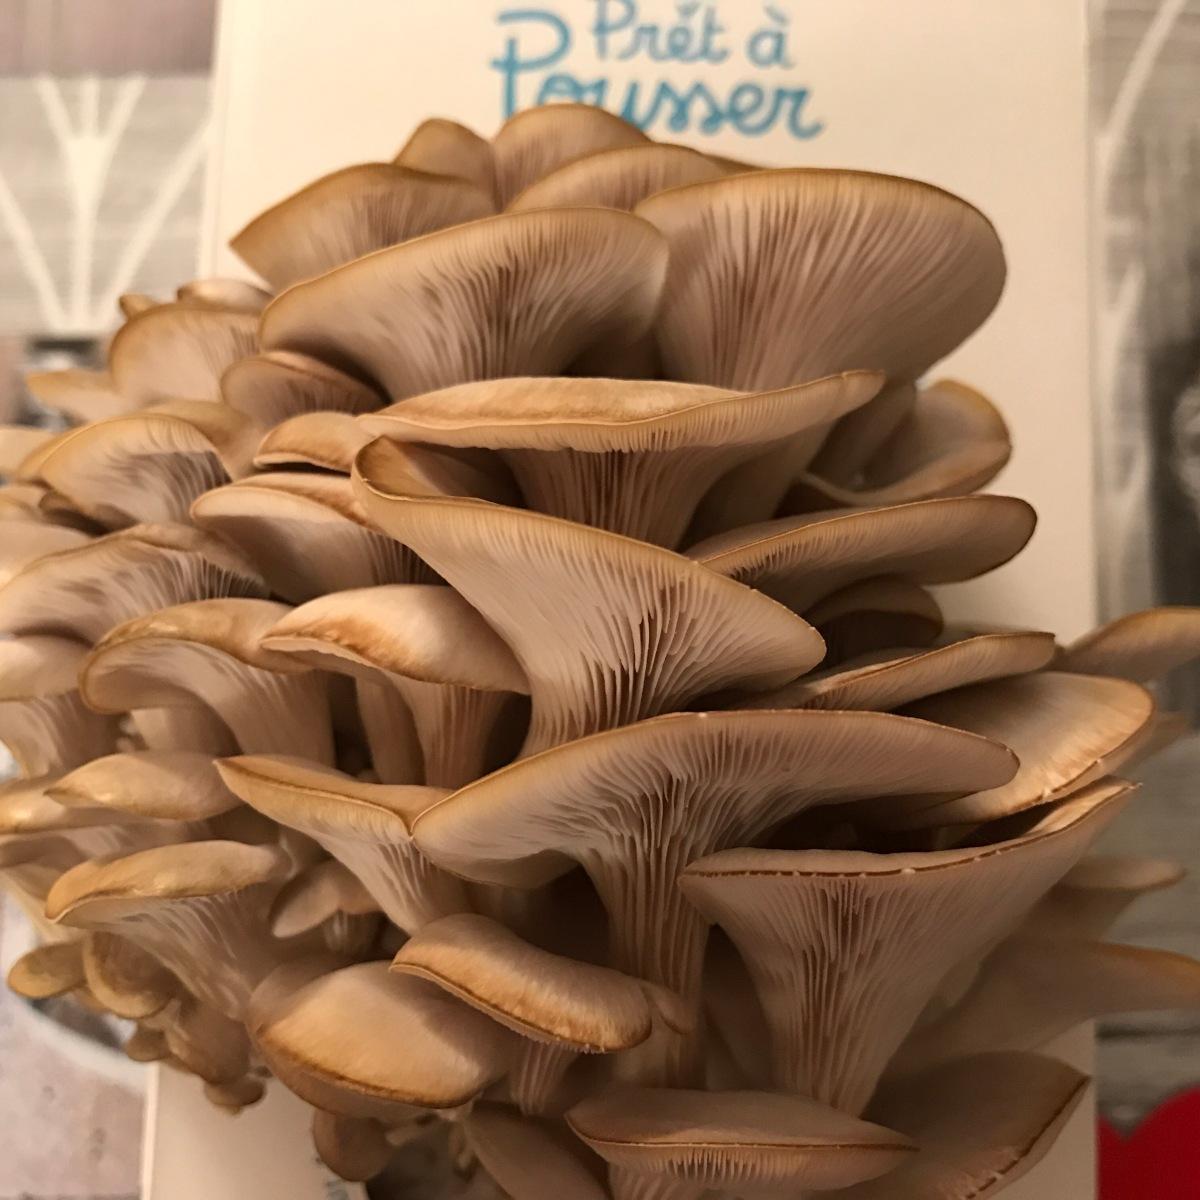 Des champignons la maison avec pr t pousser le beautymag senior - Faire pousser des champignons de paris ...